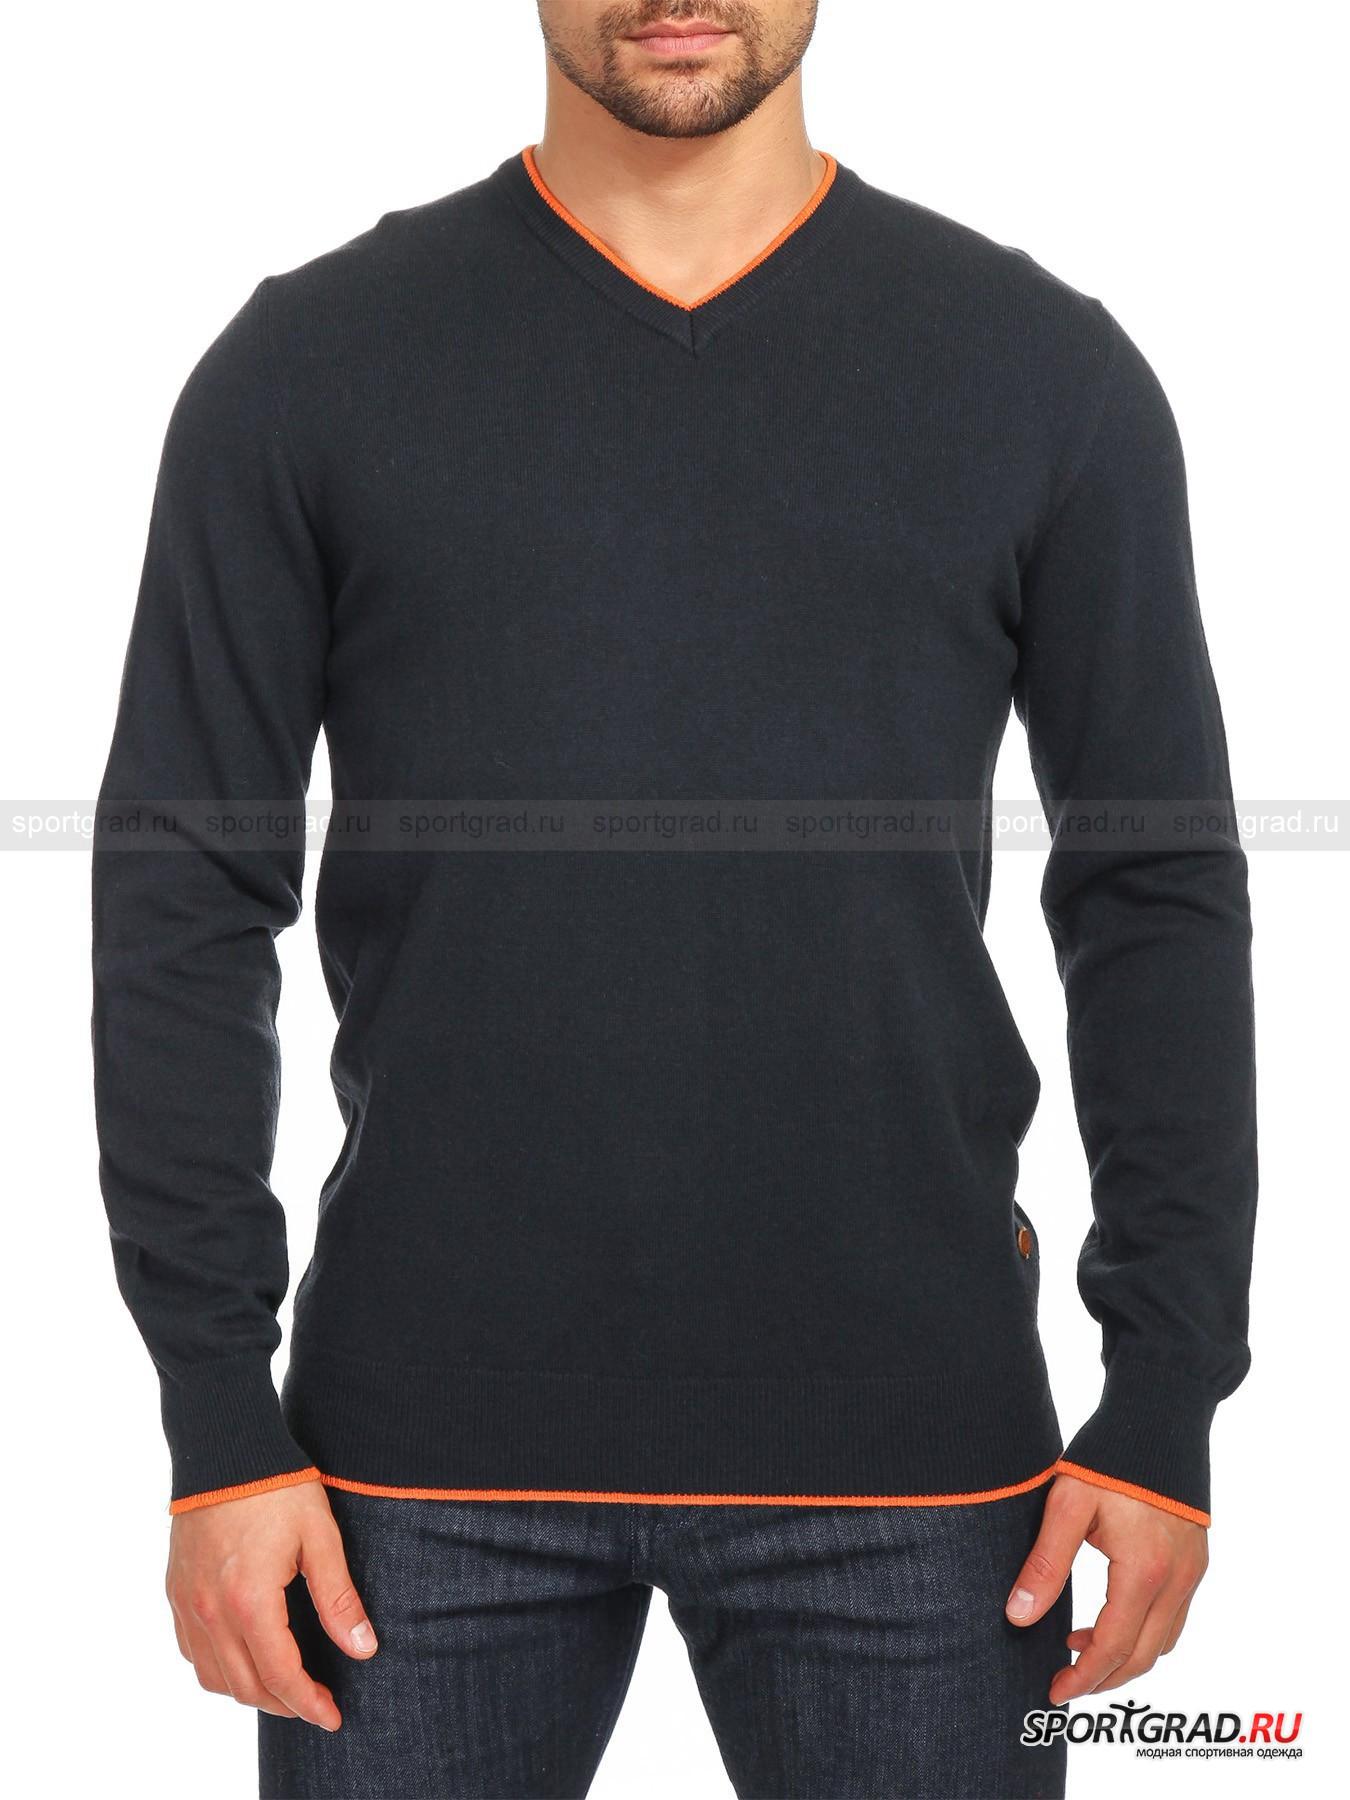 Легкий Мужской Пуловер